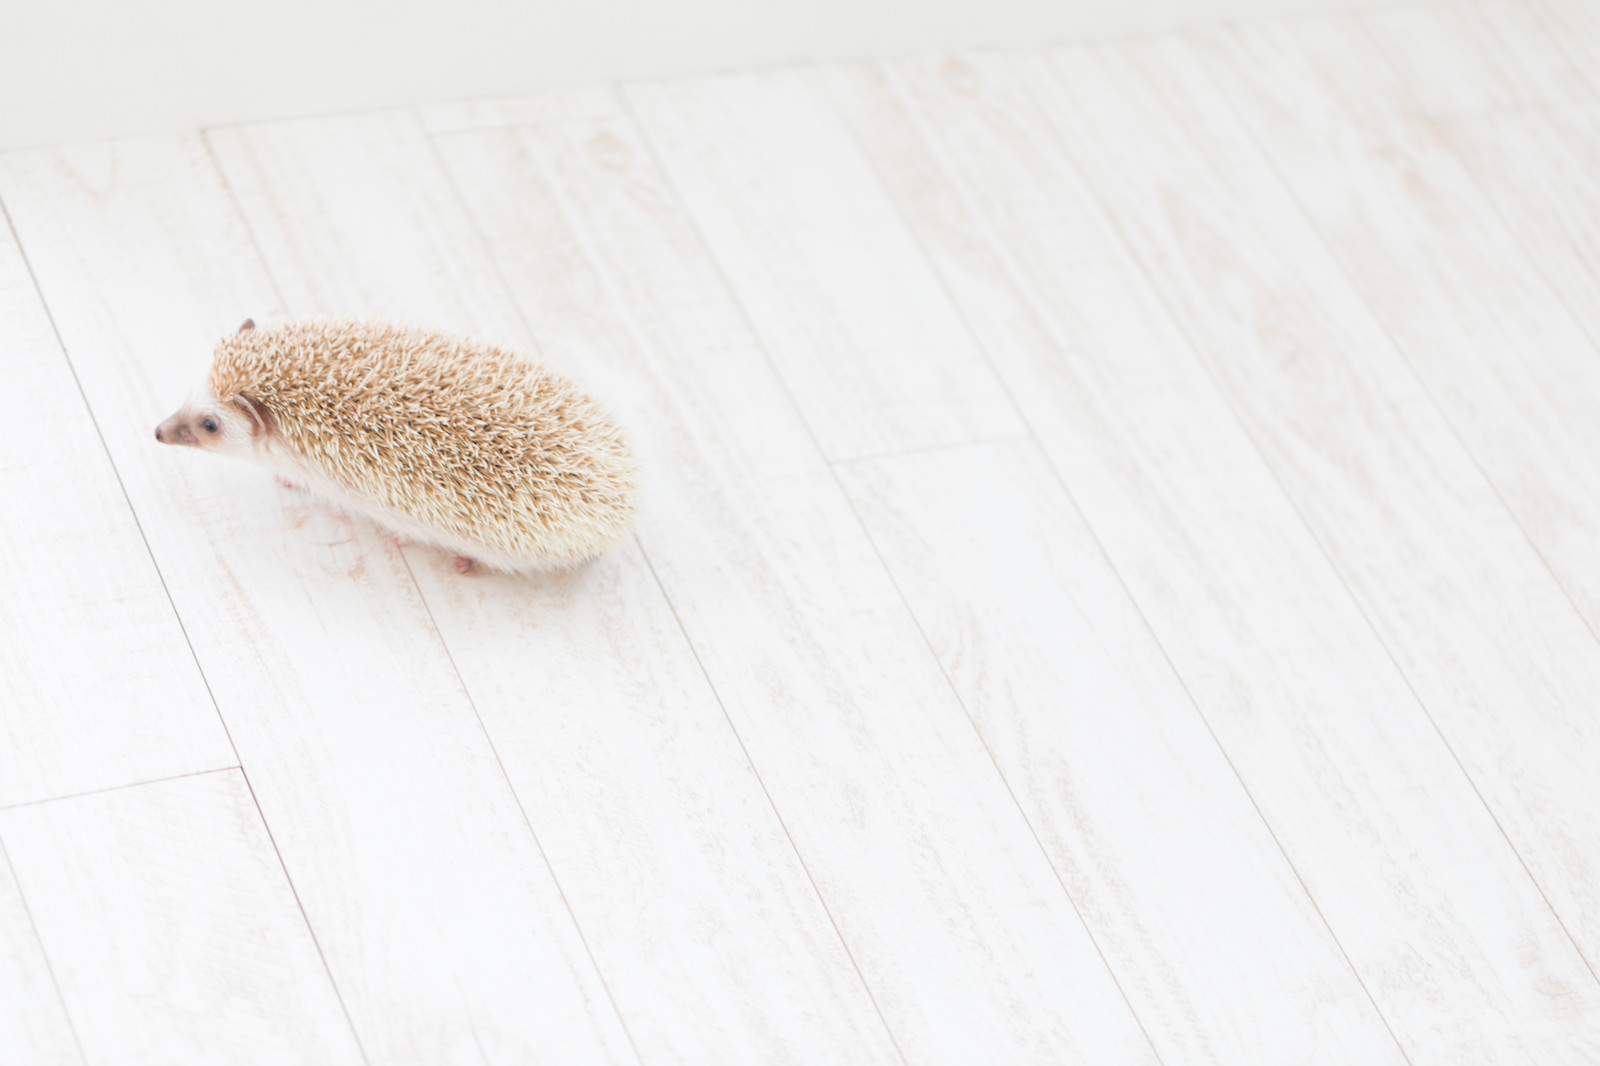 「てくてく歩くハリネズミ」の写真